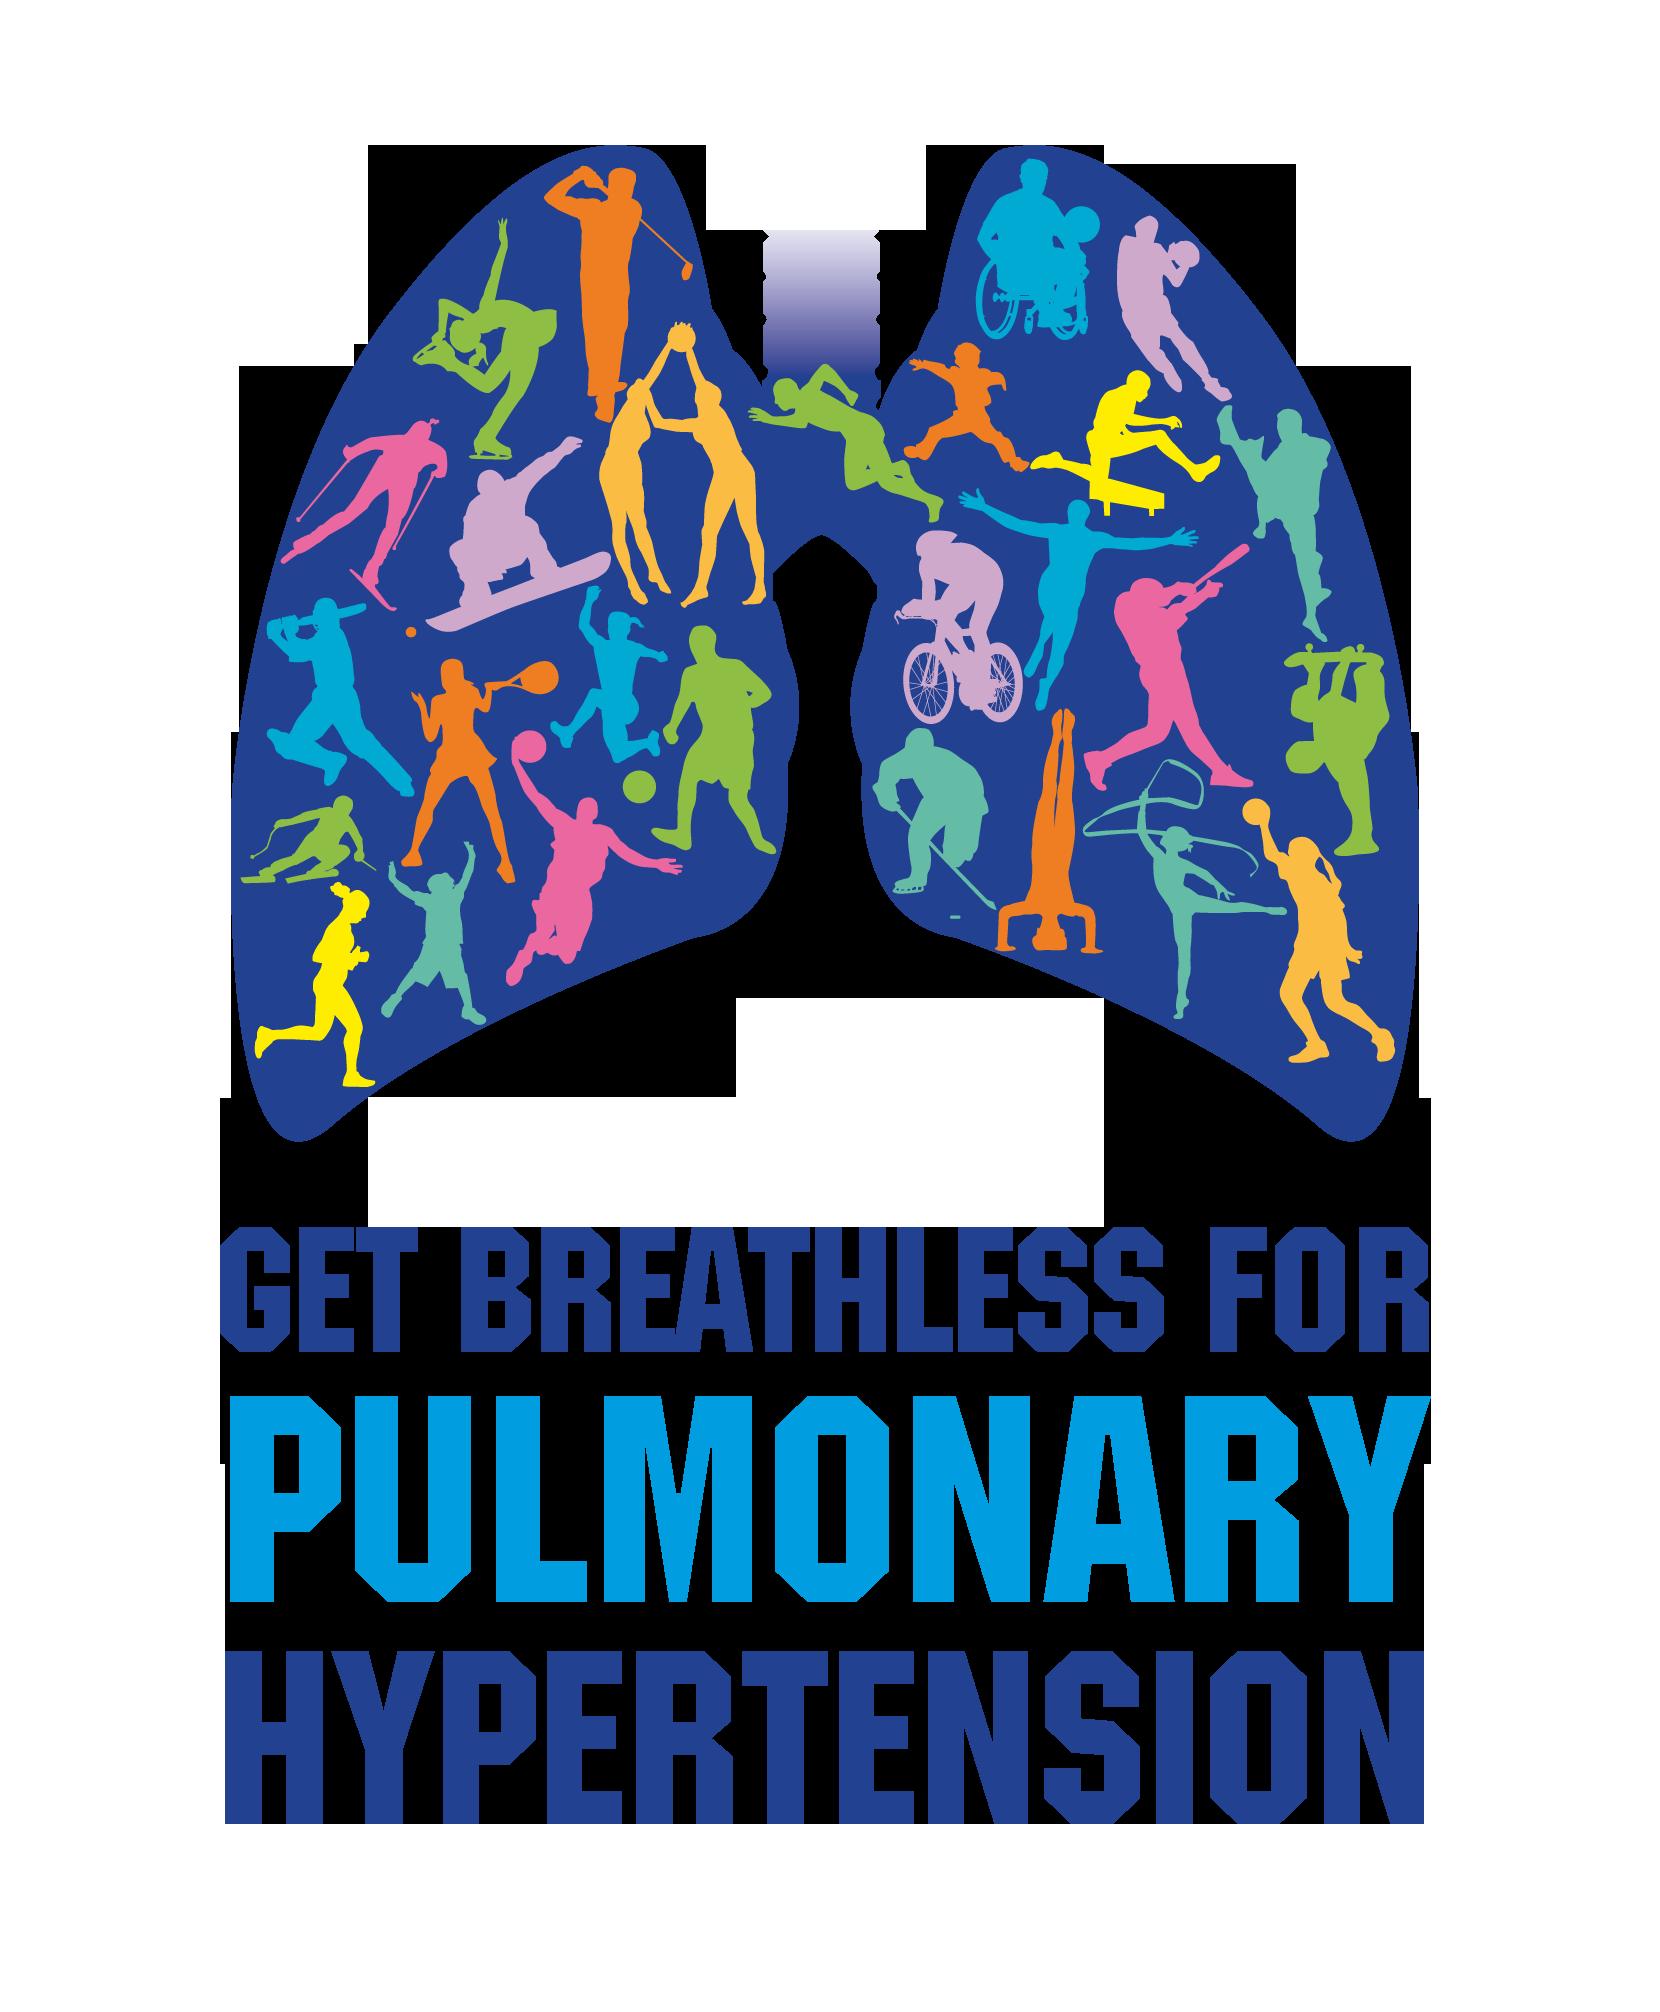 Rendkívül ritka betegség a pulmonális hipertónia -videók..